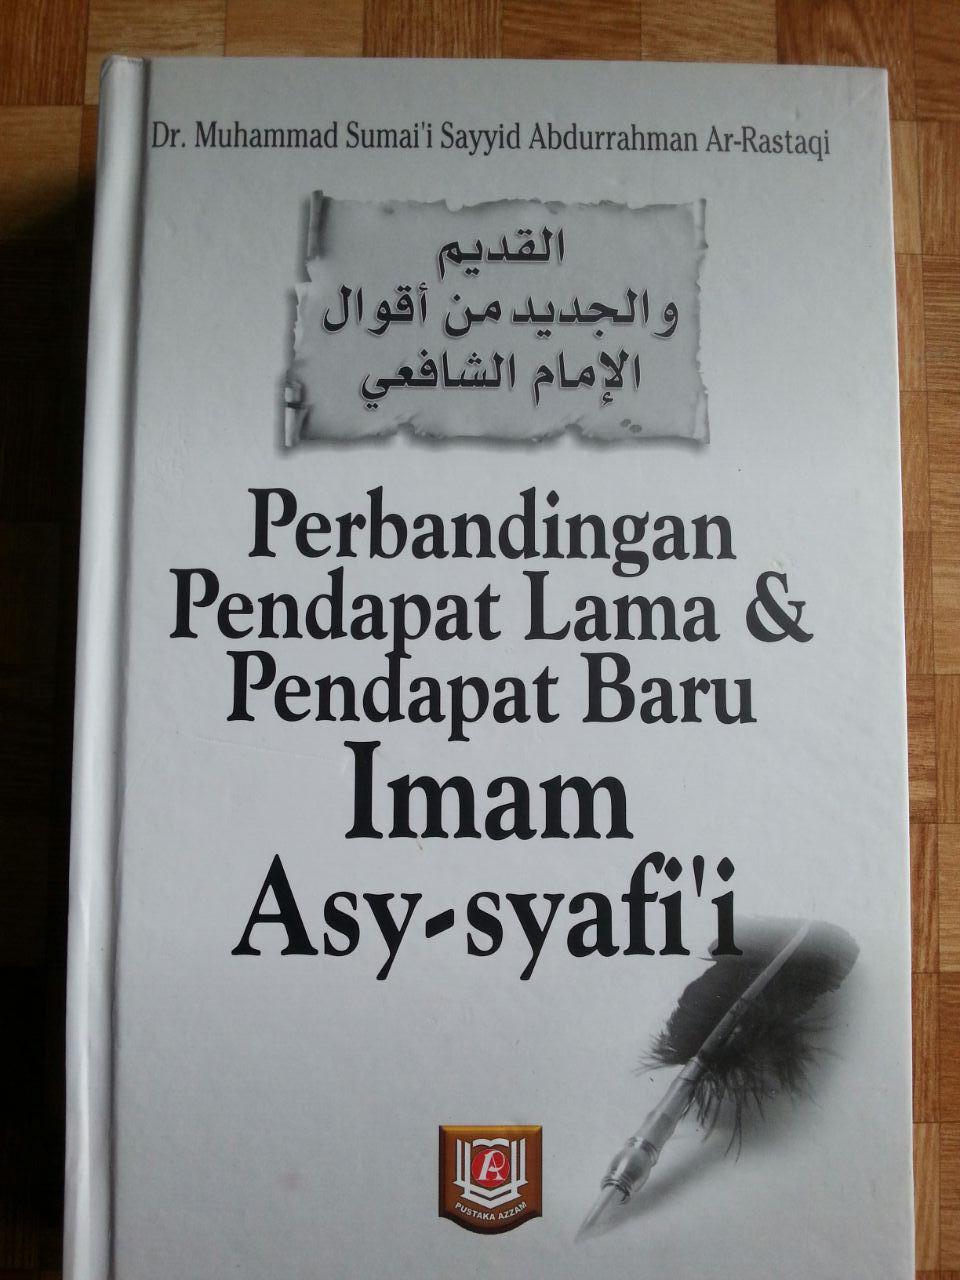 Buku Perbandingan Pendapat Lama Dan Pendapat Baru Imam Asy-Syafi'i cover 2